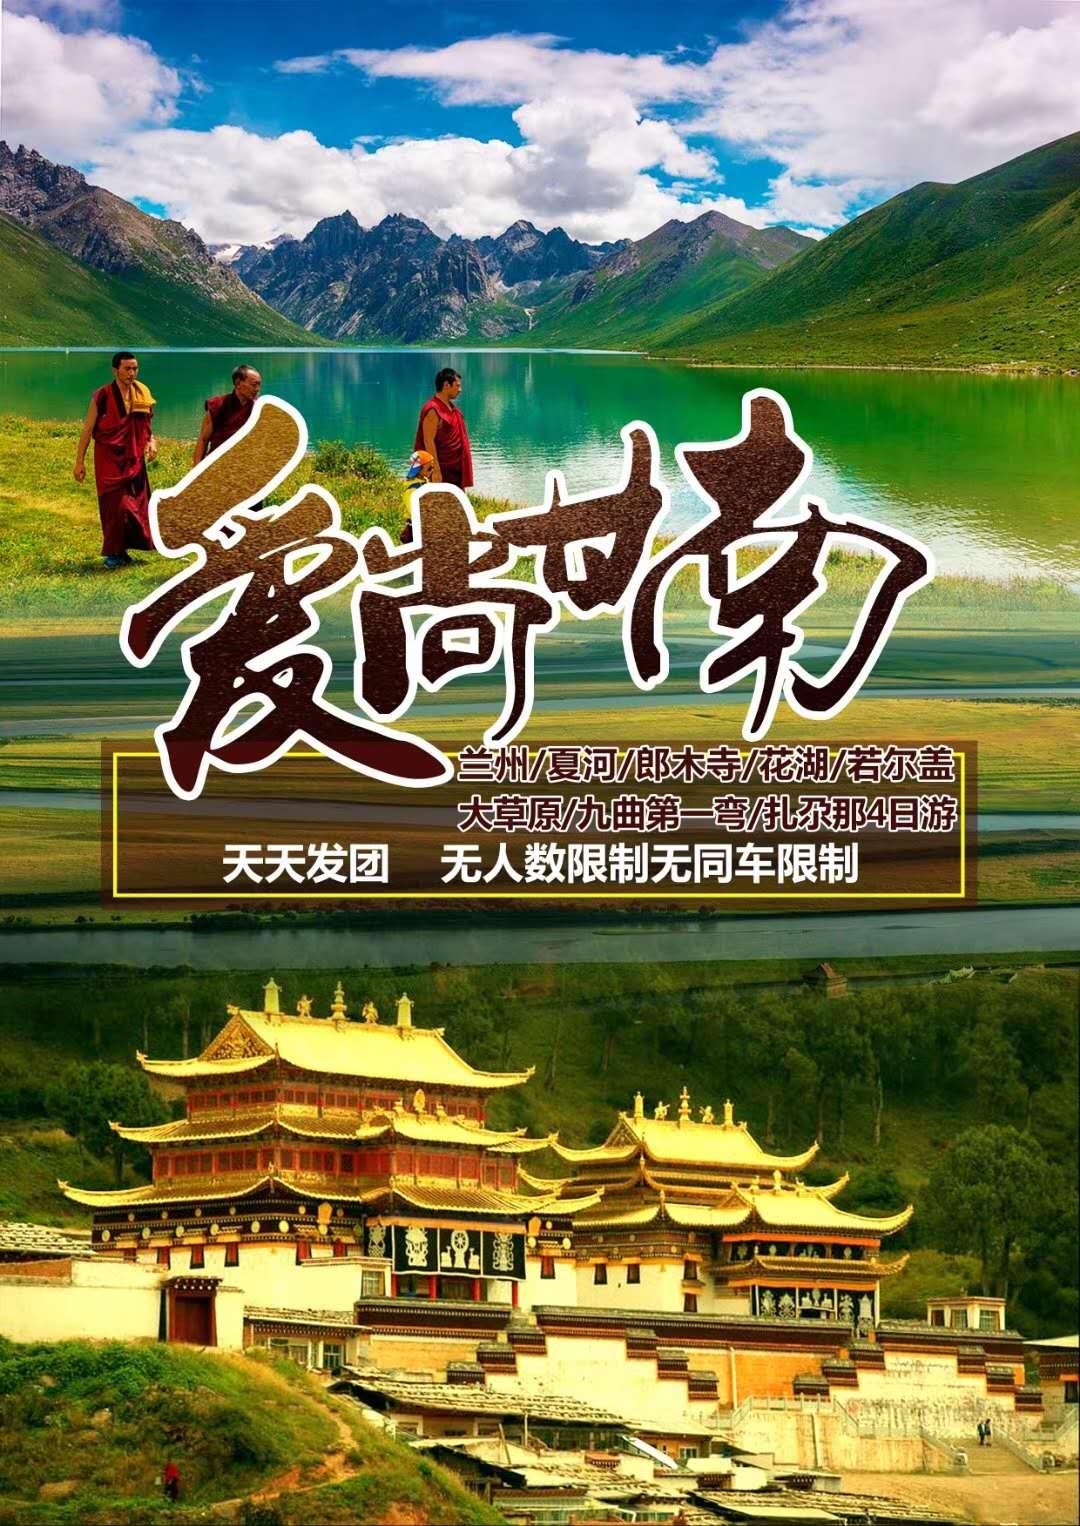 即可西藏,不必甘南美女公寓爱情攻略之图片